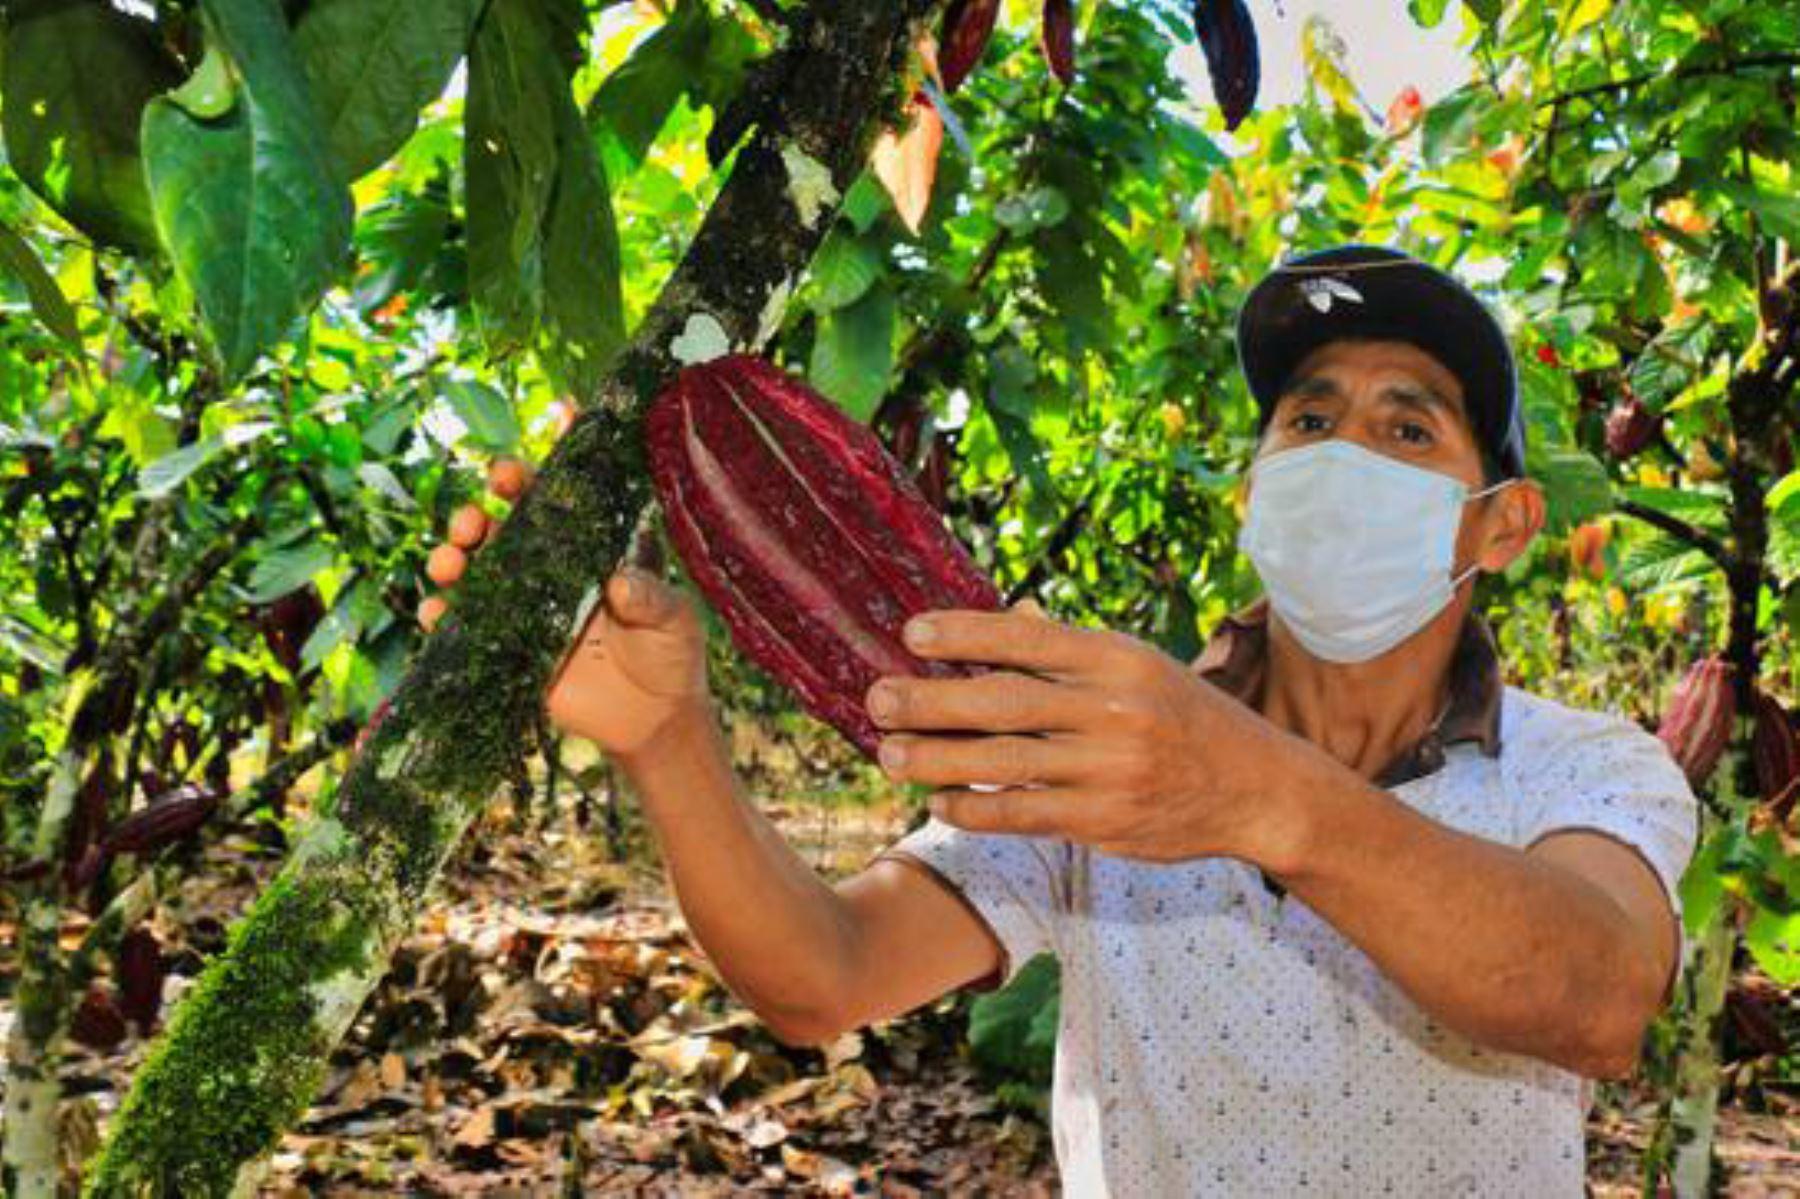 Pese a la emergencia sanitaria, los especialistas de Devida brindan acompañamiento a lo largo de la cosecha, poscosecha y asociatividad.